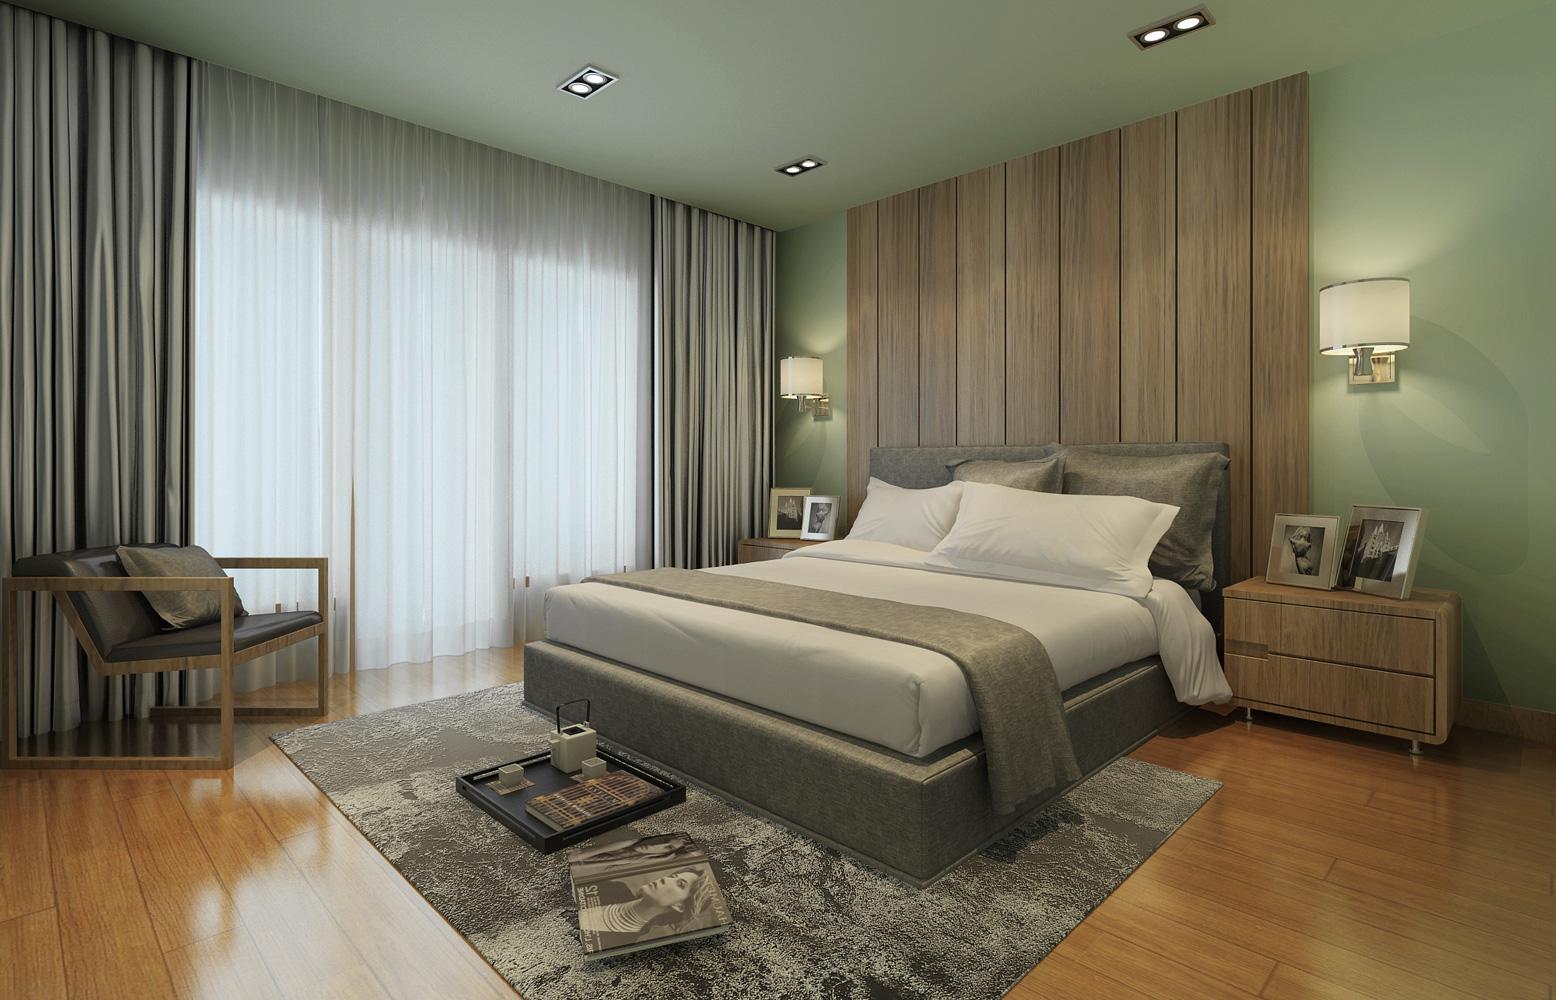 复地香栀花 别墅装修 简美风格 腾龙设计 卧室图片来自腾龙设计在复地香栀花园别墅现代风格设计1的分享